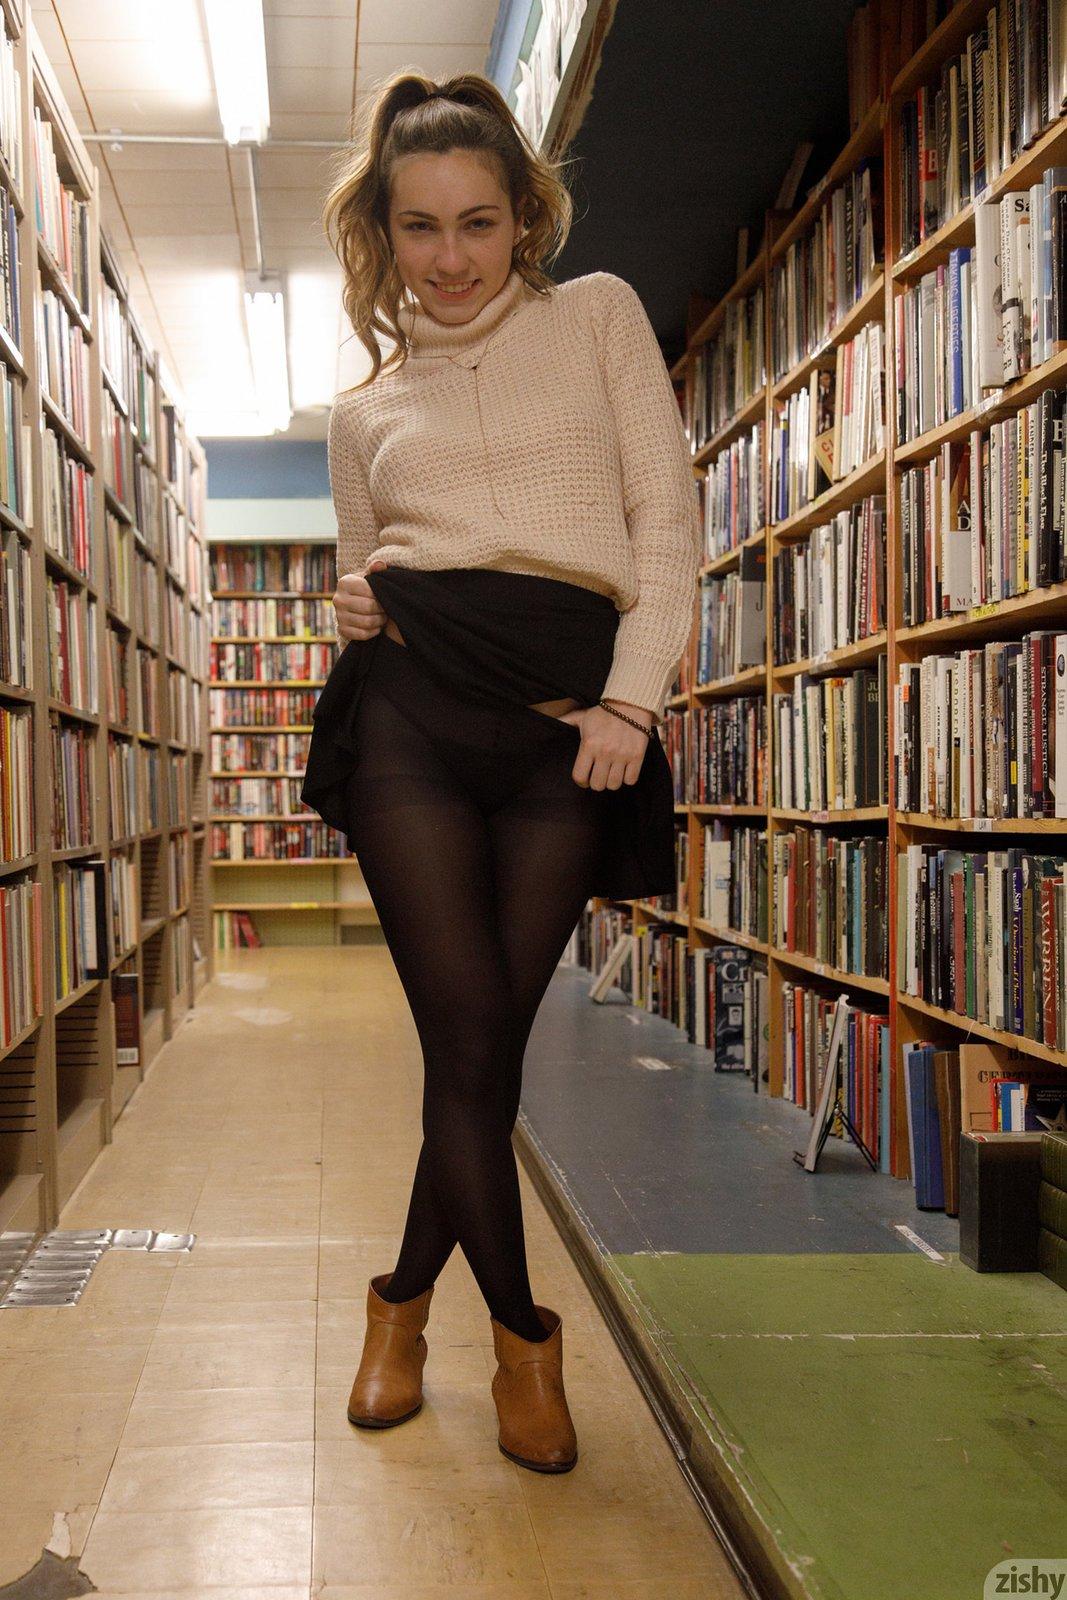 Милая девица в юбке показала попку и сиськи в библиотеке